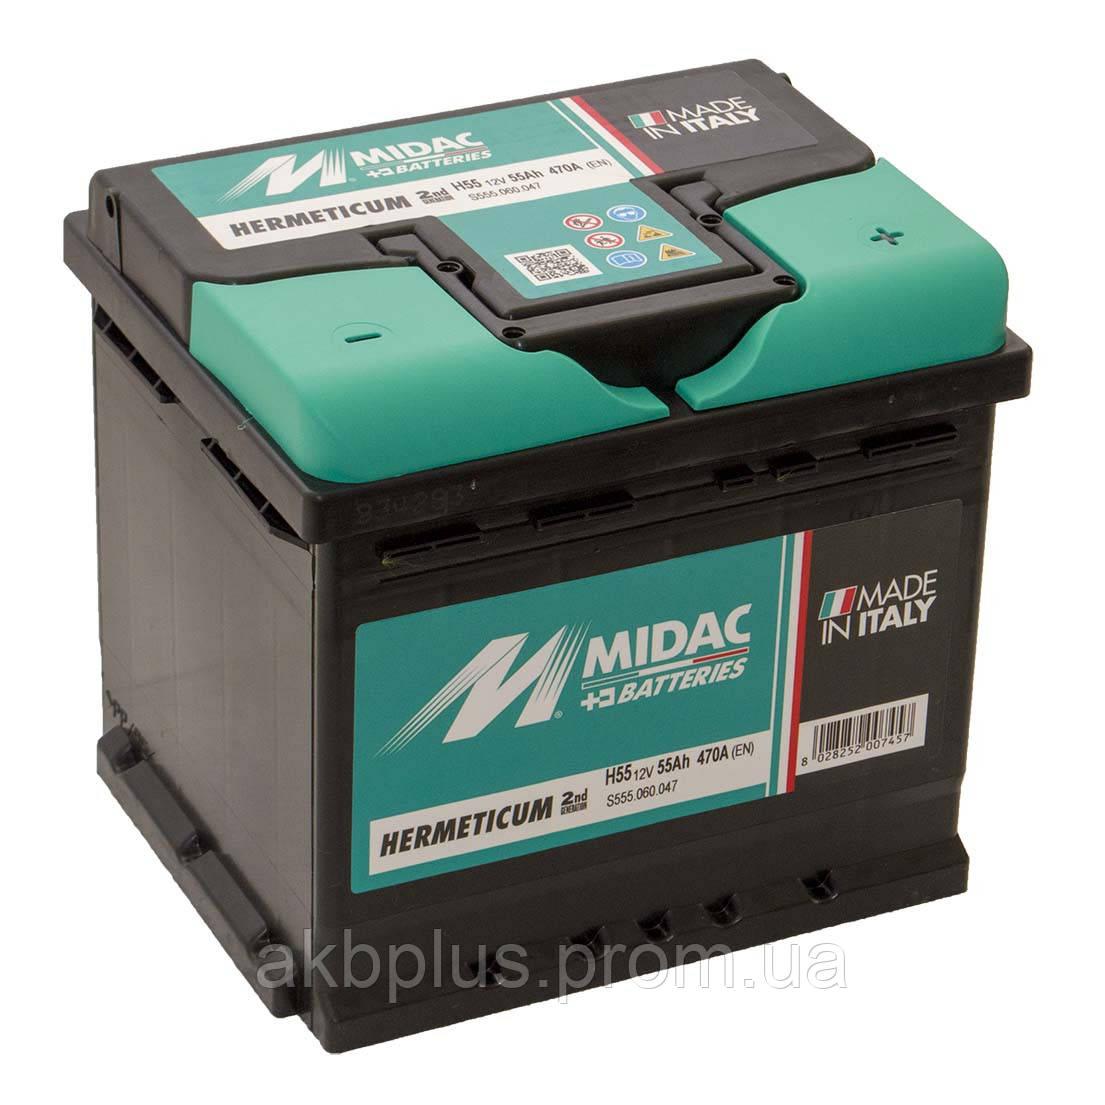 Аккумулятор 6СТ-55 MIDAC HERMETICUM, 12V 55Ah (-/+) евро, Мидак Герметикум, 12В, 55Ач, EN470А